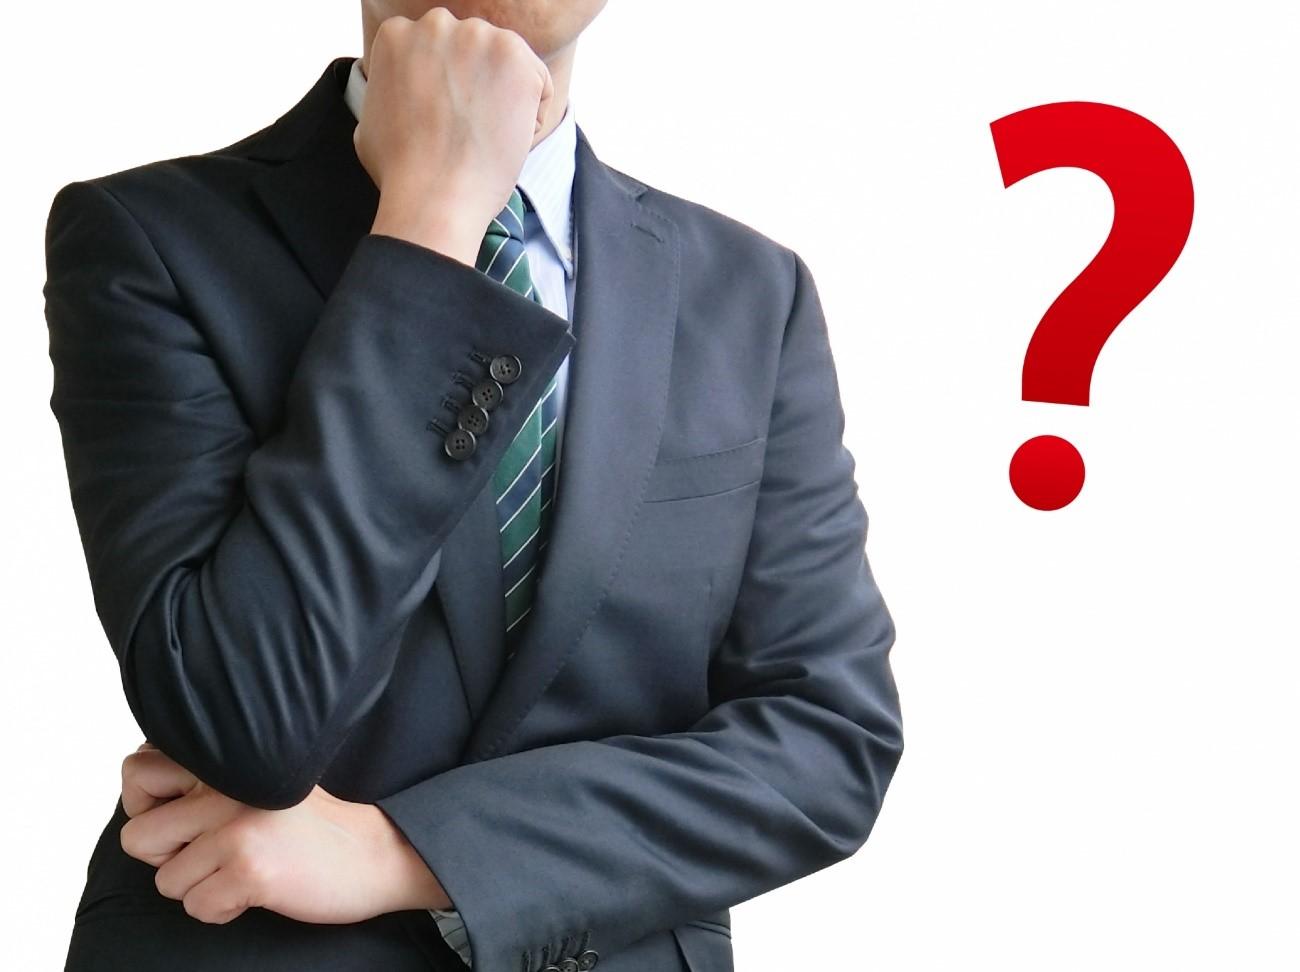 ビジネスシーンで使われる「リバイズ」ってどんな意味?正しい使い方などご紹介します!